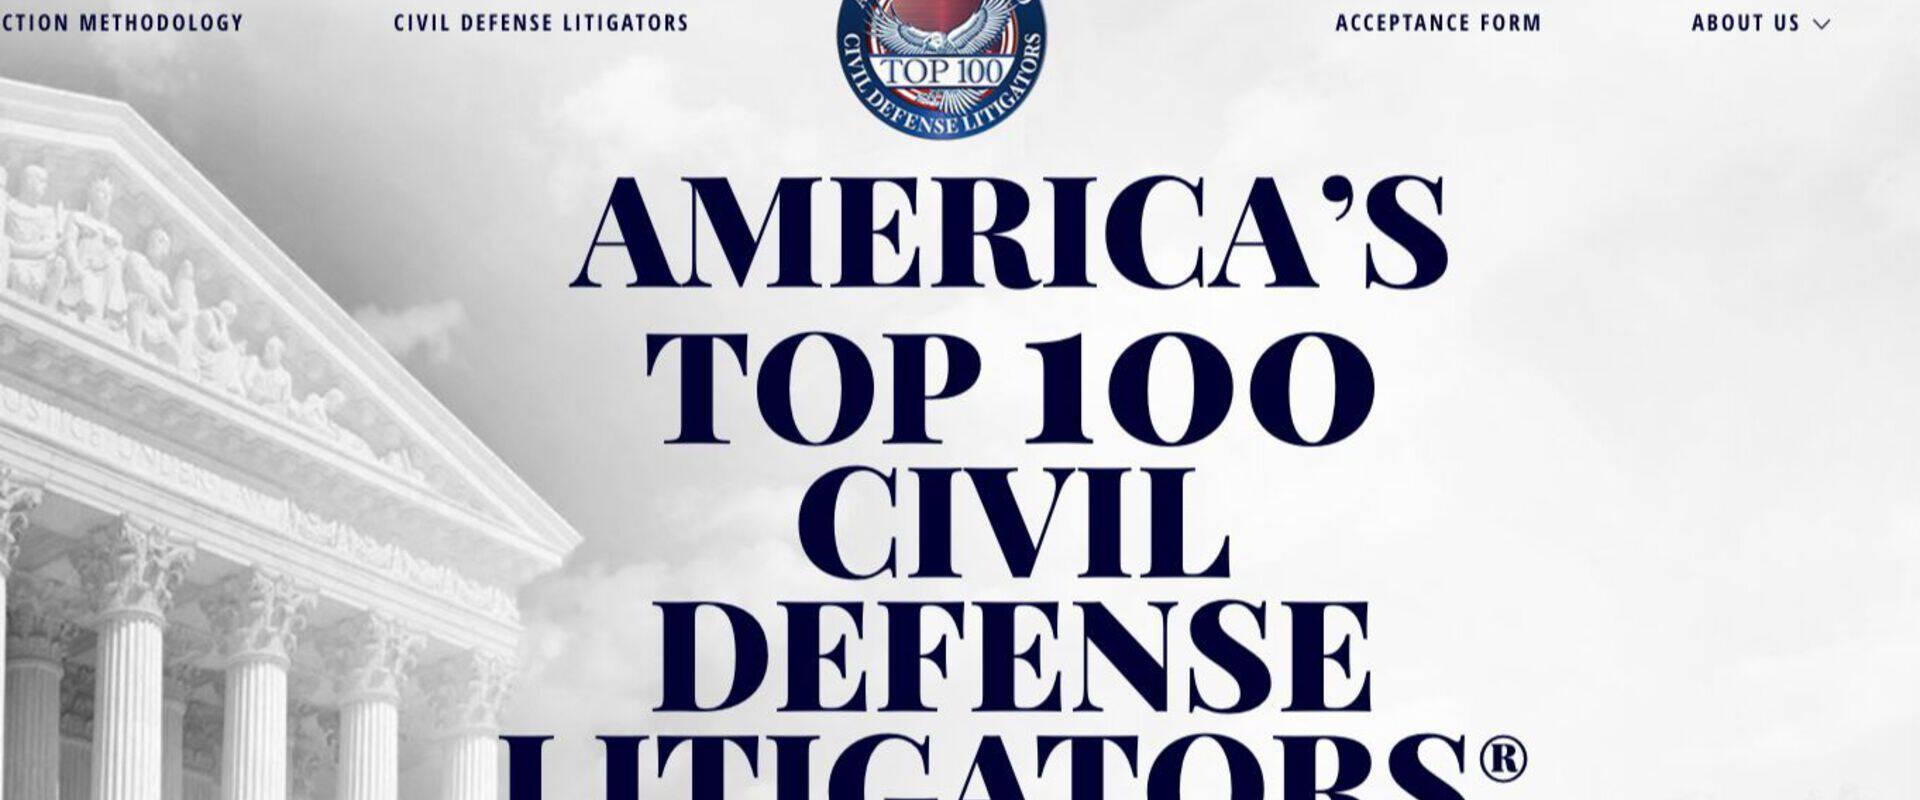 Michael E. Catania named one of America's 2018 Top 100 Civil Defense Litigators